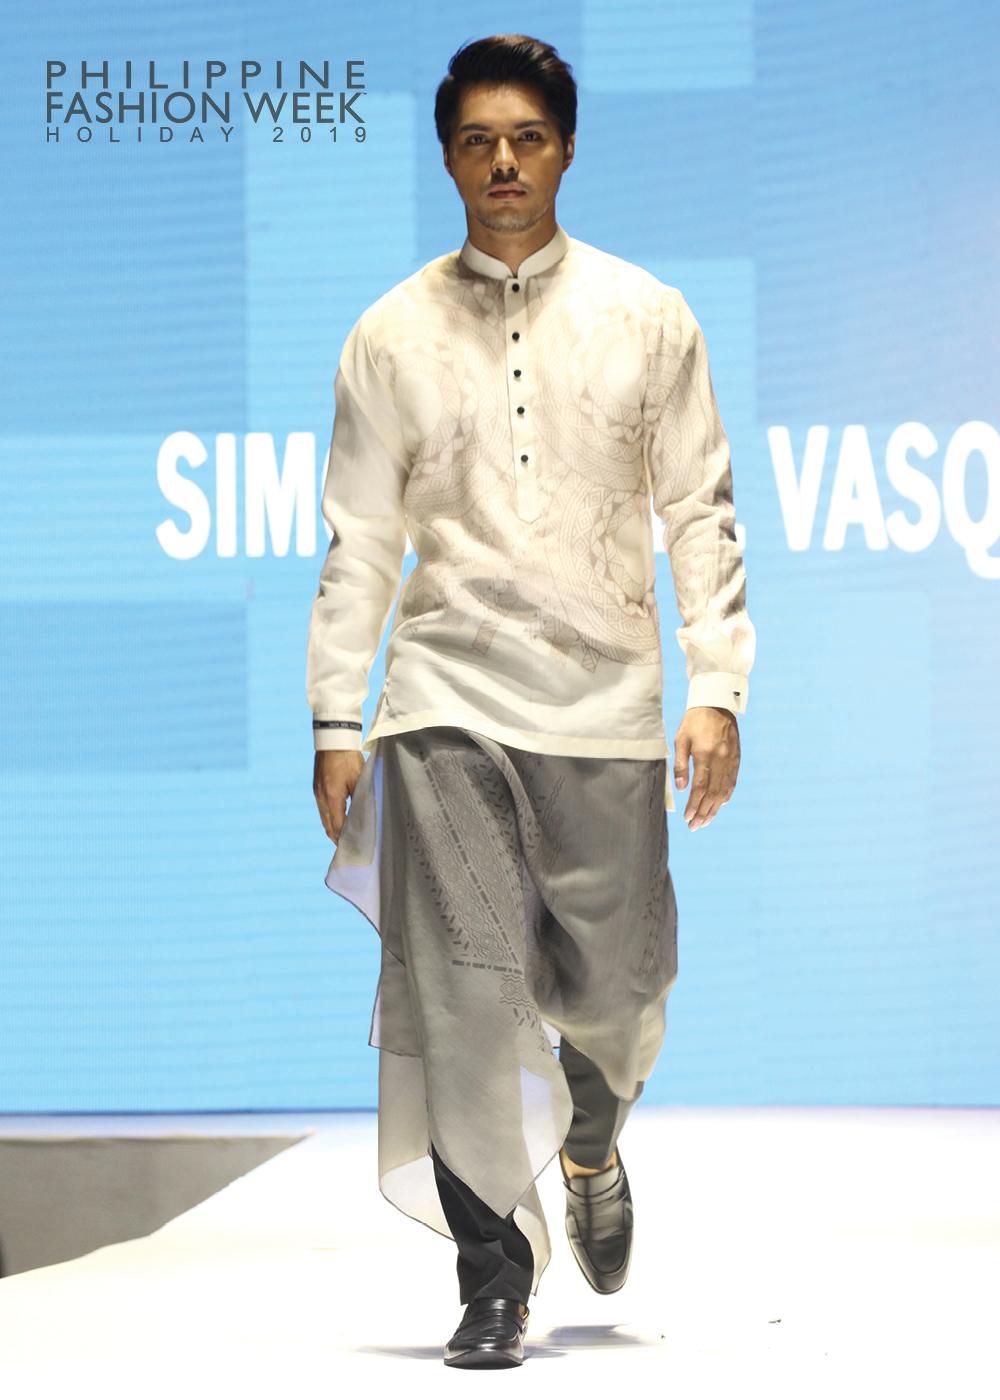 Simon Ariel Vasquez5.jpg